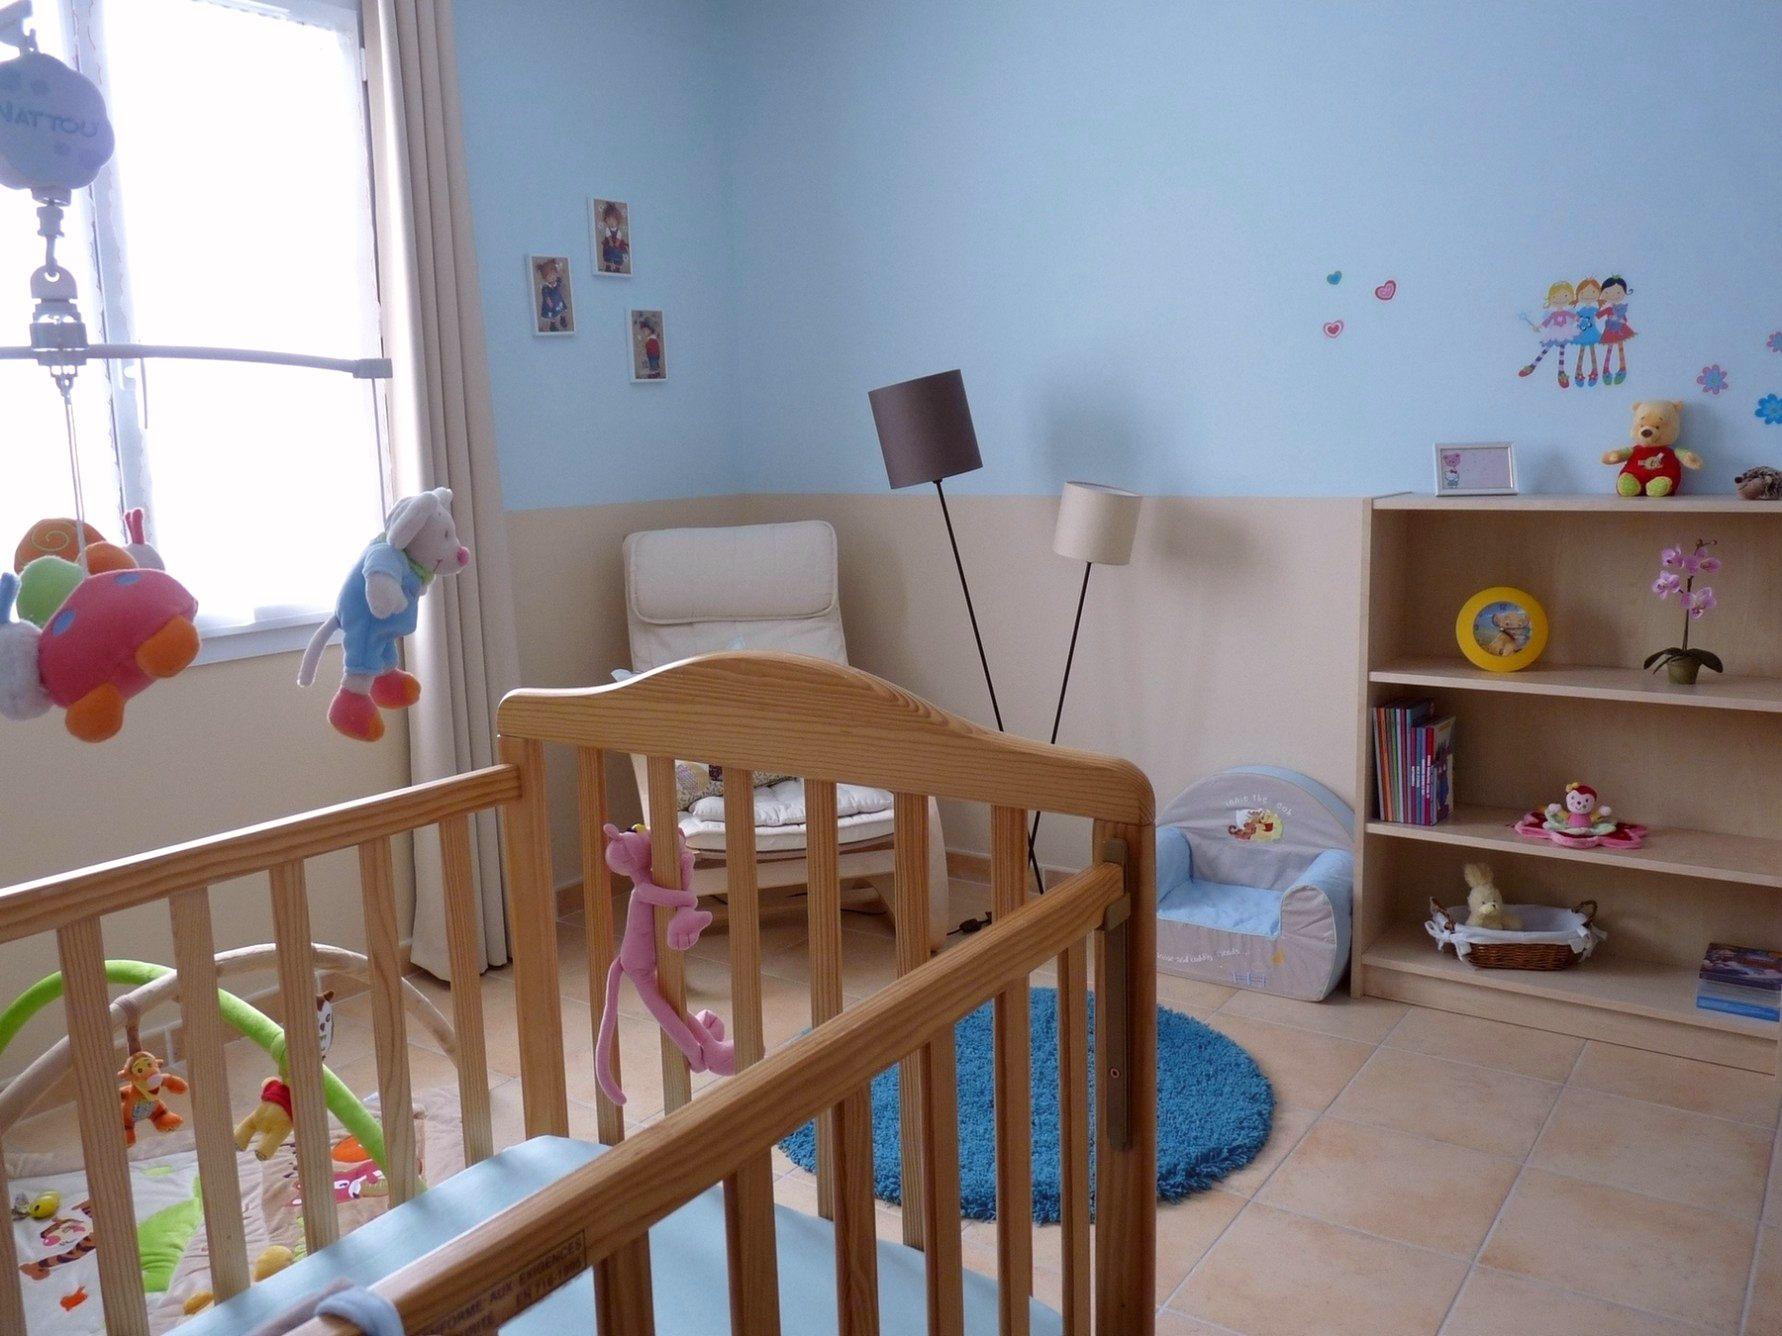 Lit Bébé Stokke Meilleur De Fantastique Chaise Haute Bébé Inclinable Avec Chambre Bébé Deco